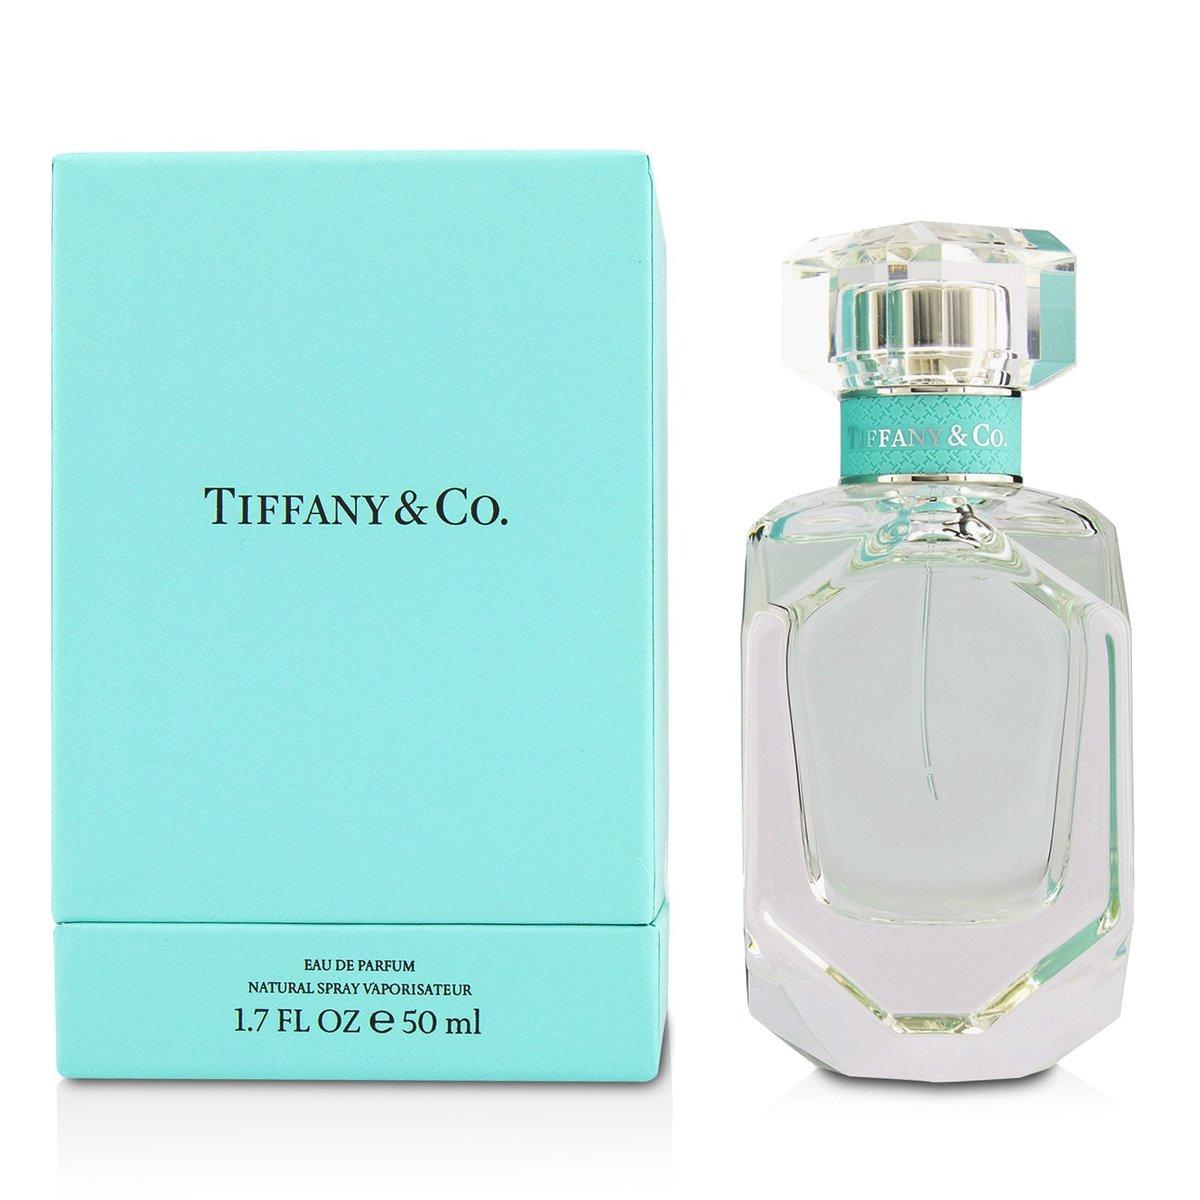 Tiffany Co Eau De Parfum Spray Parallel Import Product